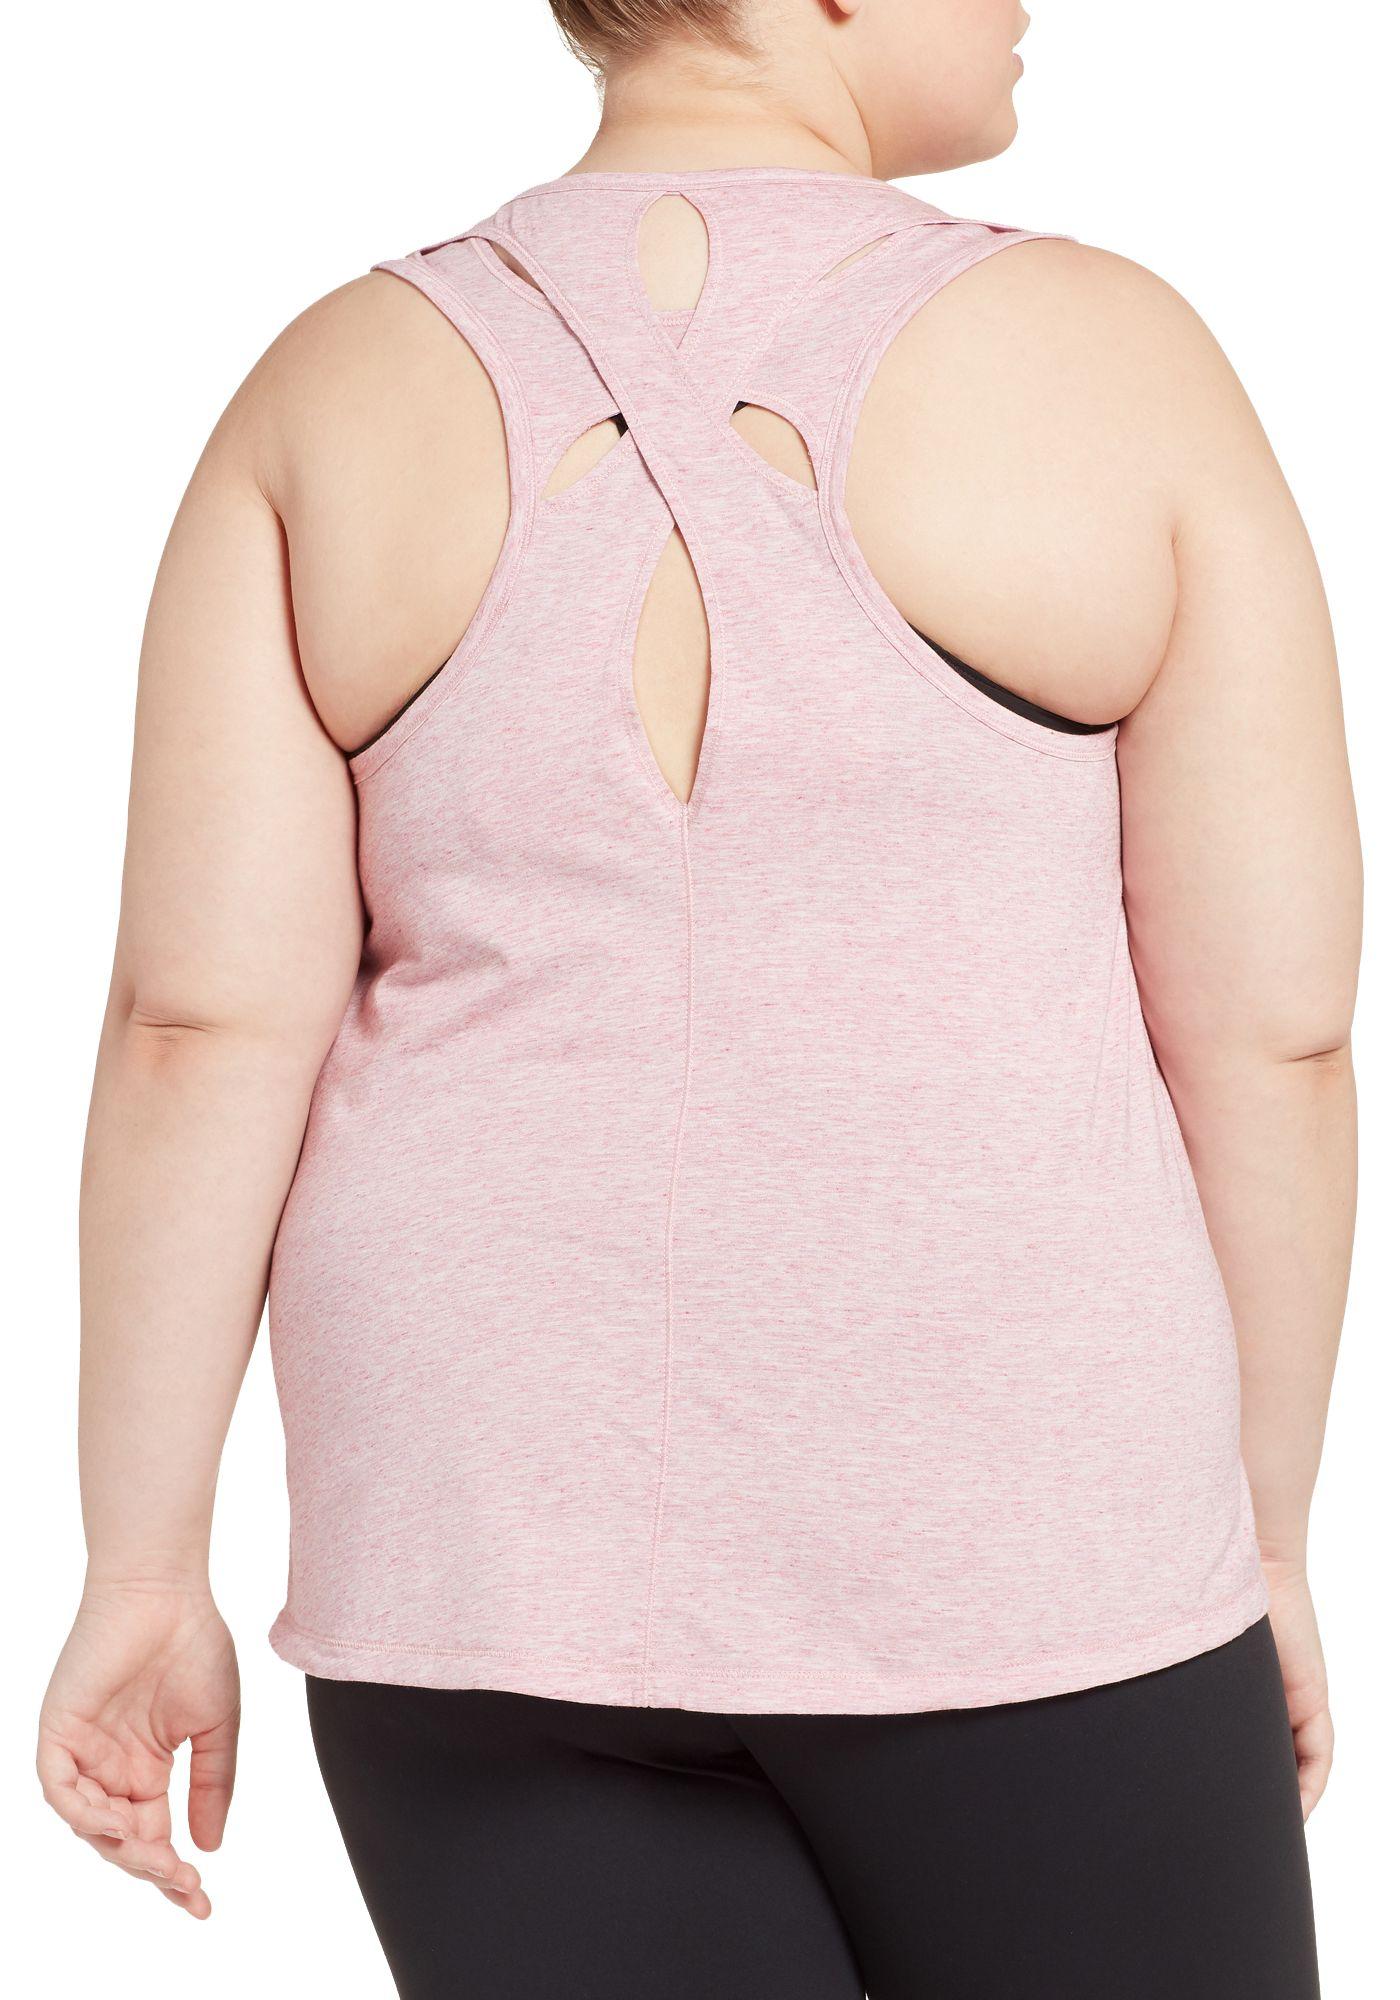 CALIA by Carrie Underwood Women's Plus Size Teardrop Tank Top